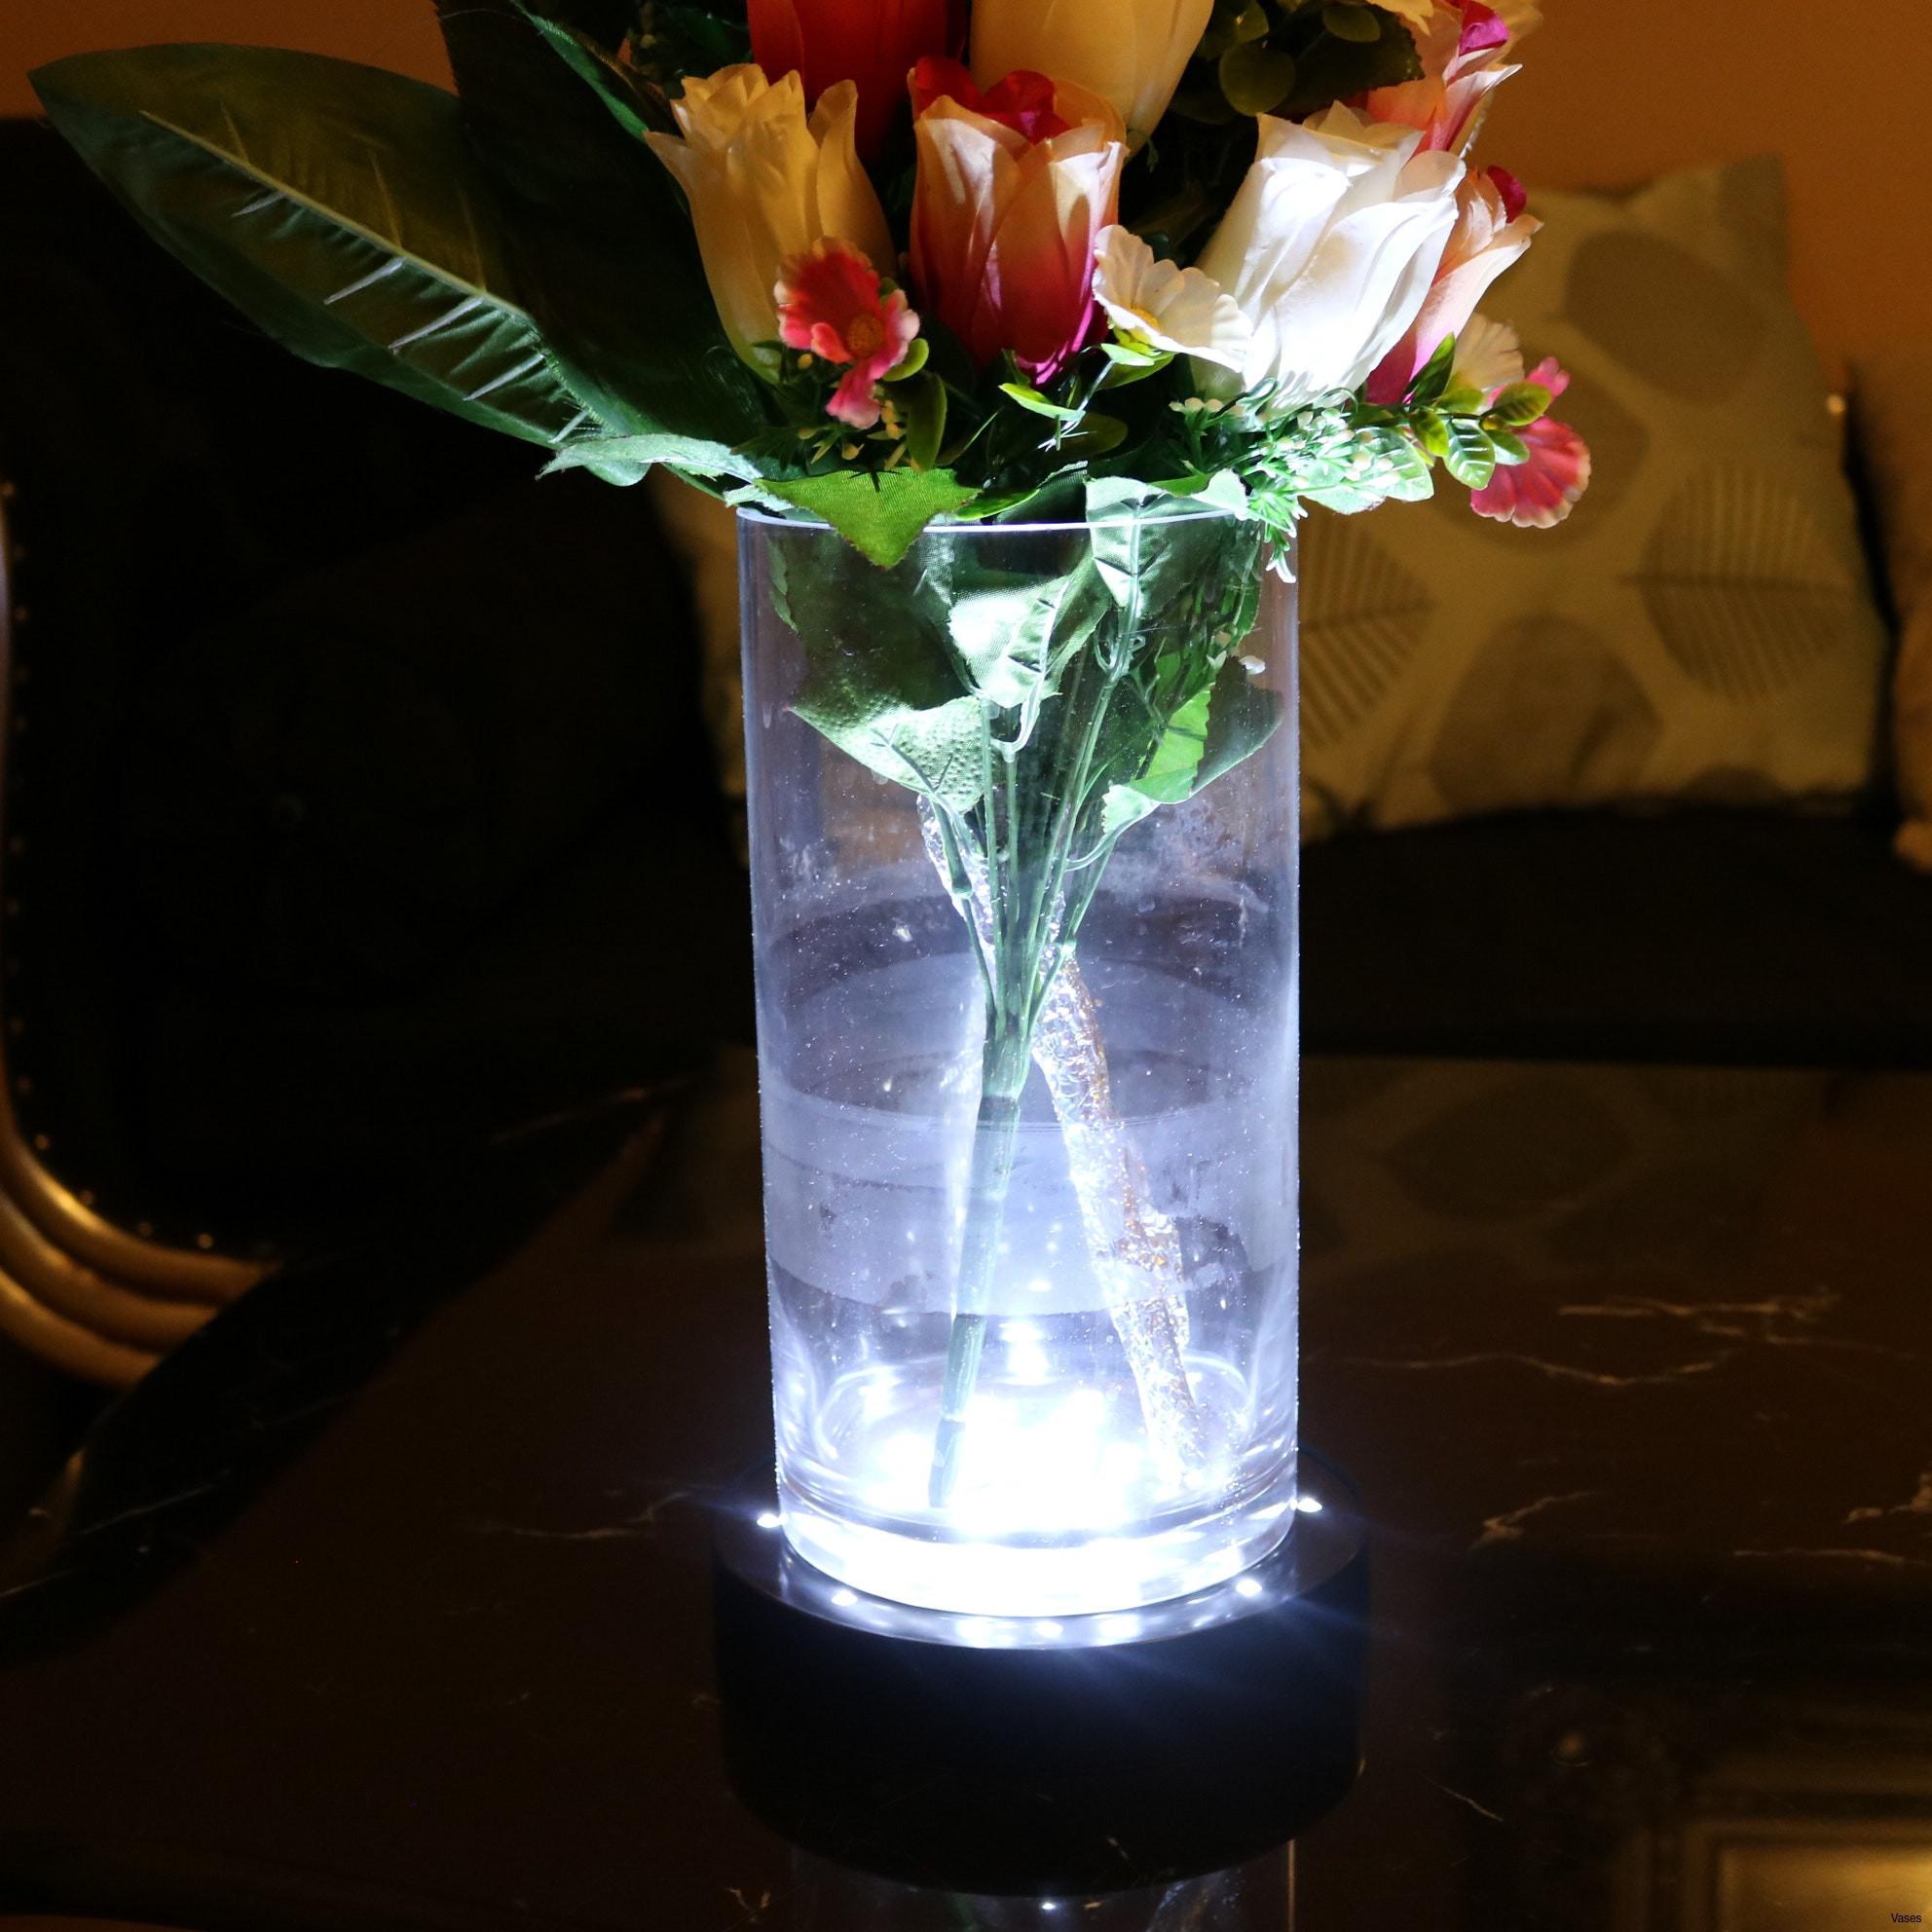 rectangle vase with flowers of 11 inspirational cheap blue vases bogekompresorturkiye com inside blue and white rectangular planter best vases disposable plastic single cheap flower rose vasei 0d